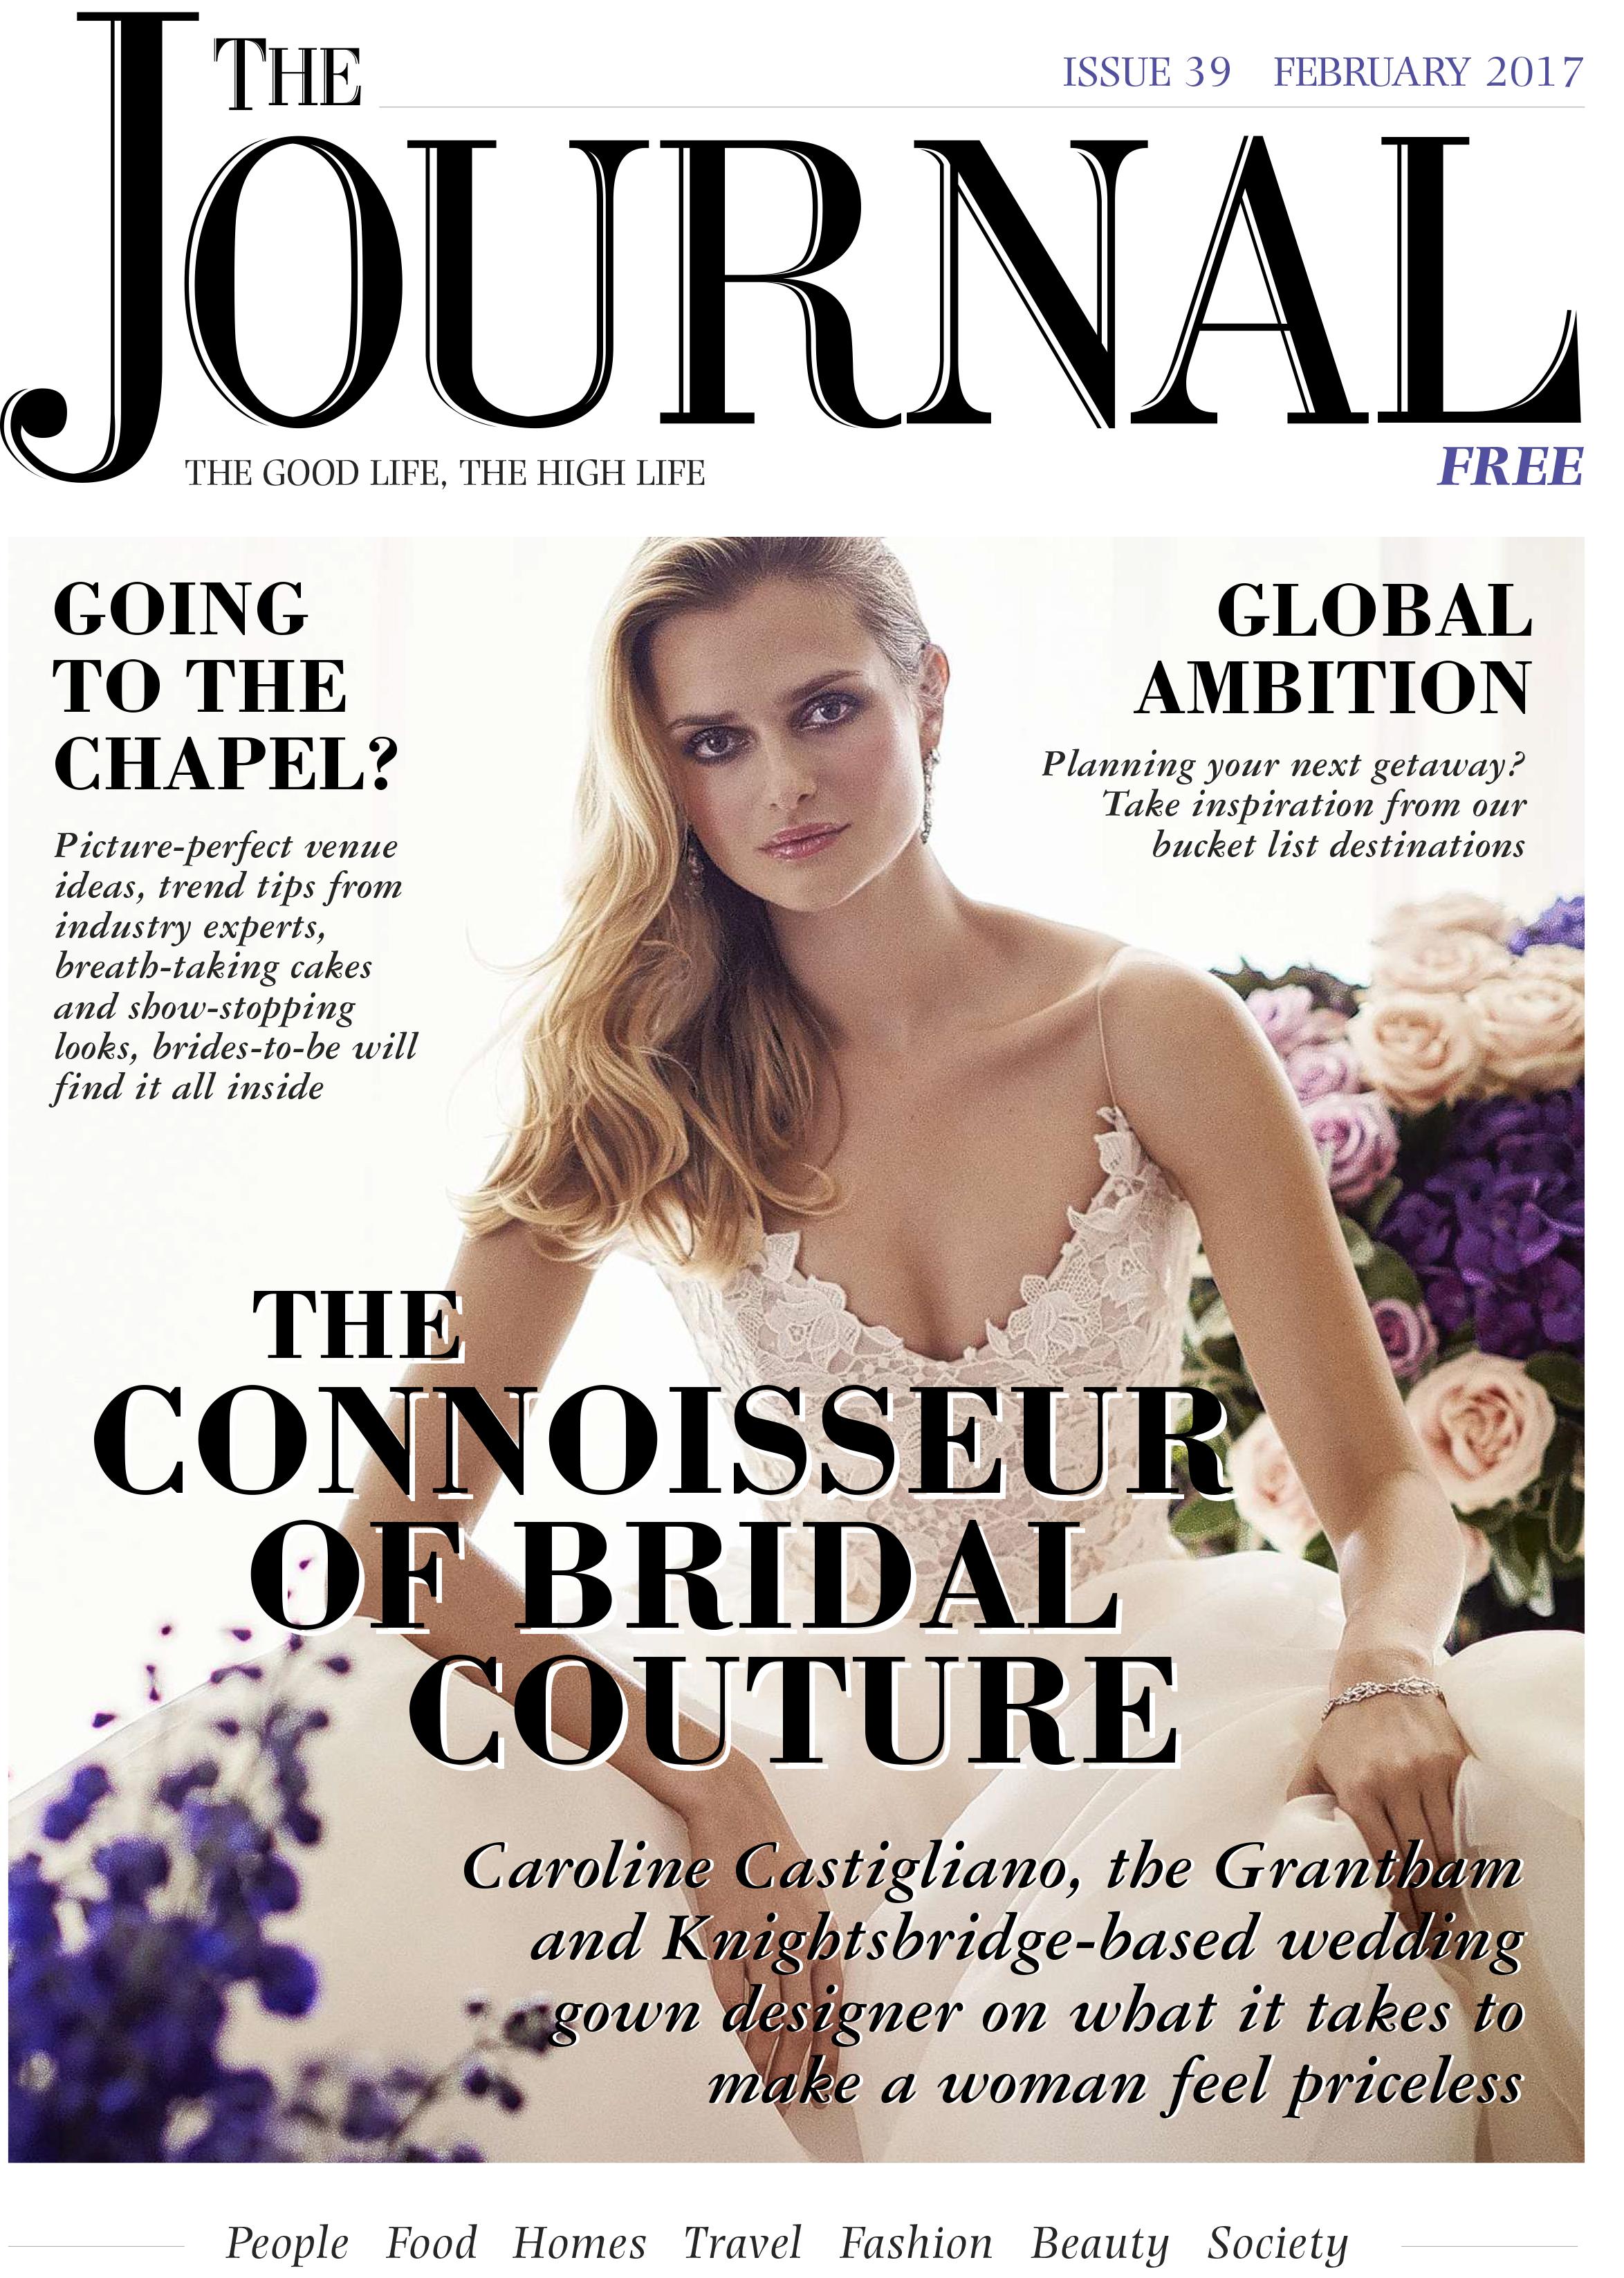 Tertia designer bridalwear by Caroline Castigliano